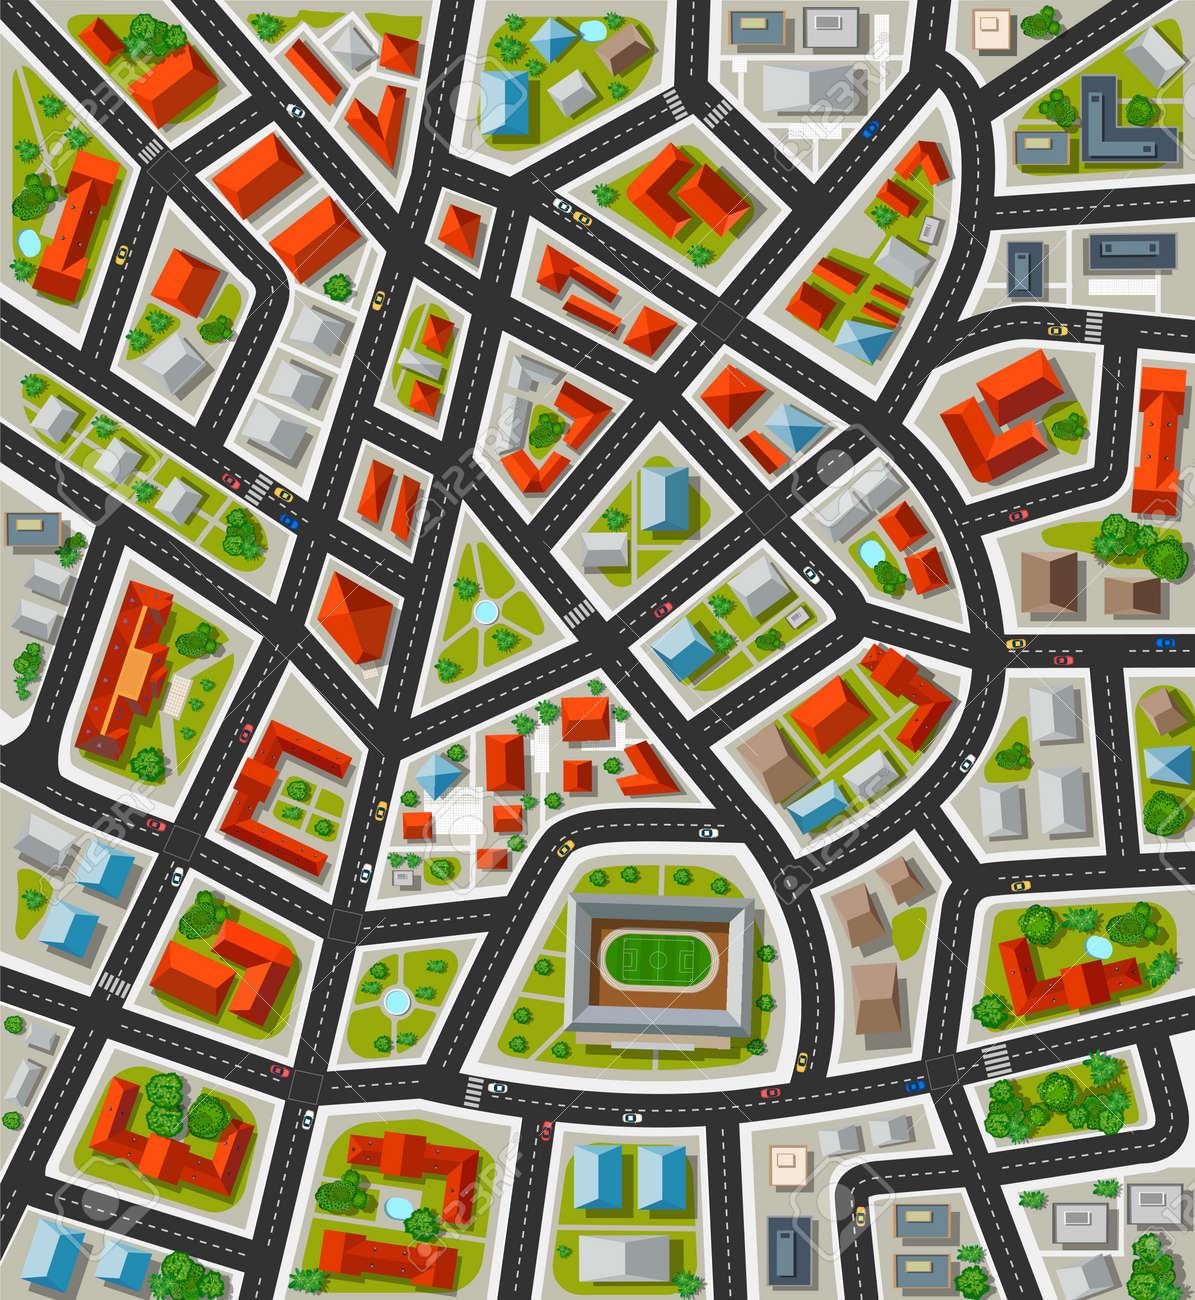 Planen Sie Für Die Große Stadt Mit Straßen, Dächer, Autos. Stadt In ...